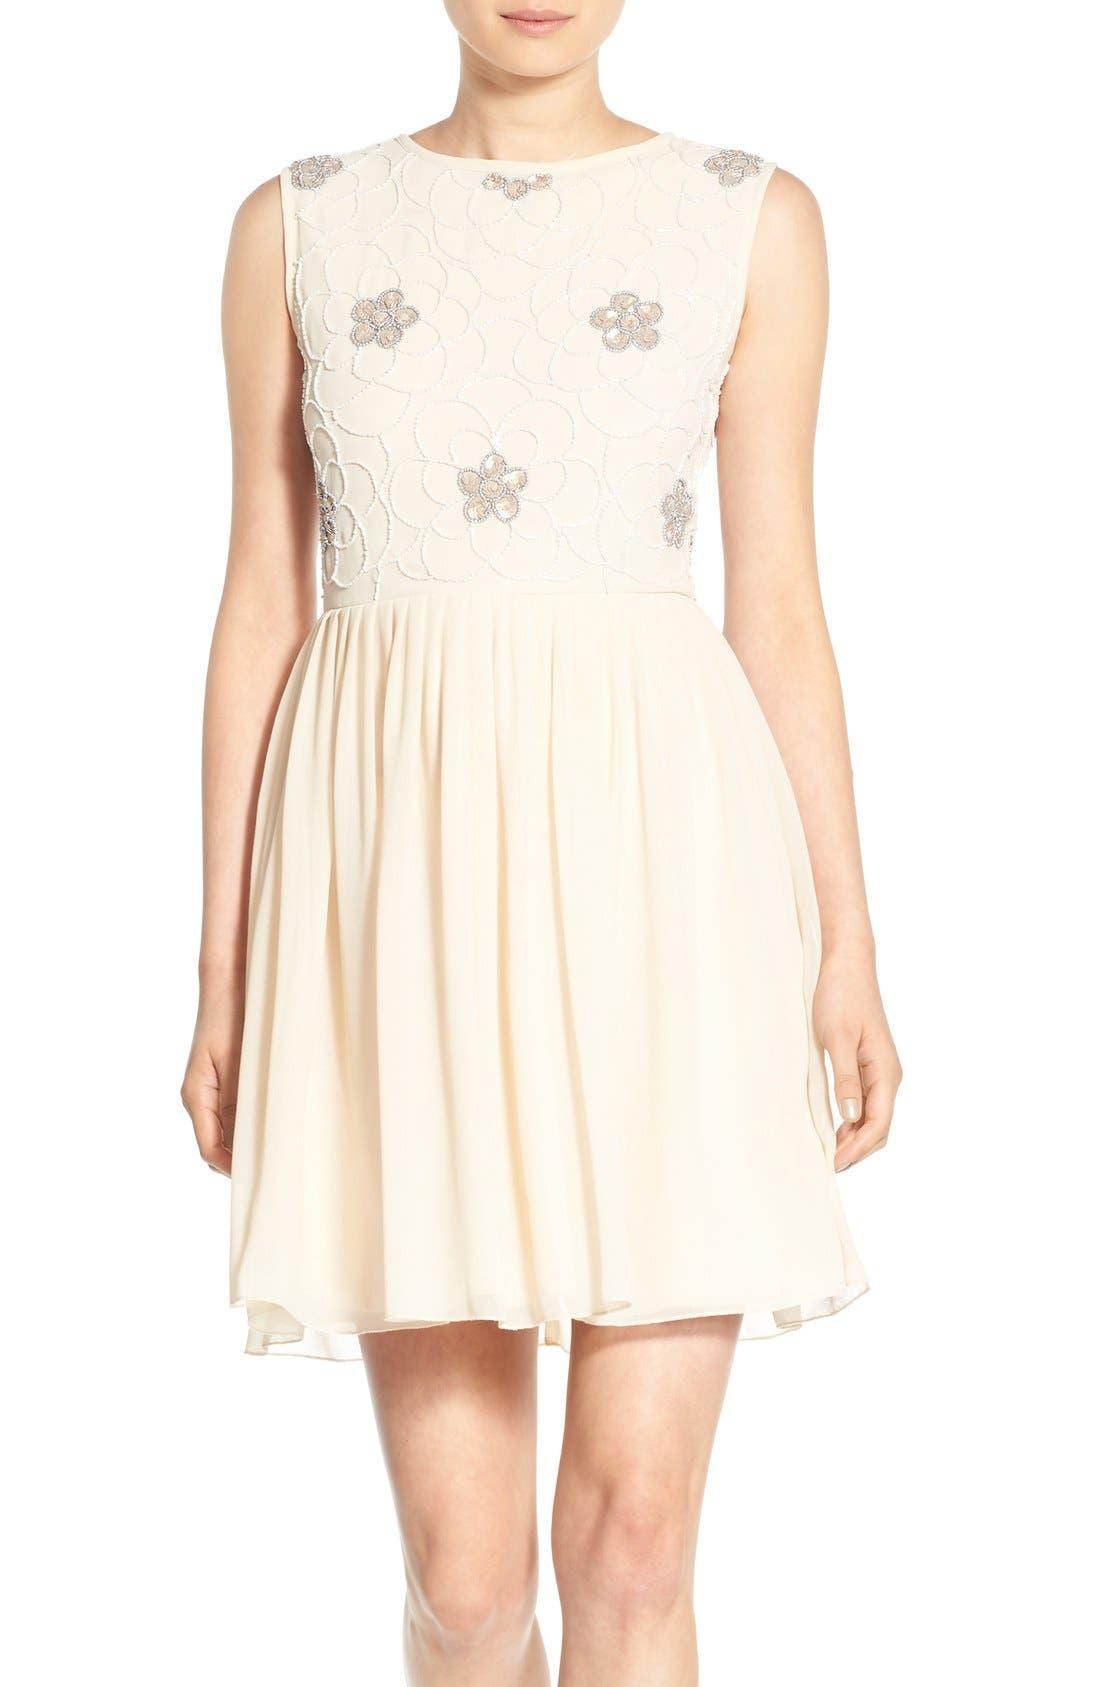 Main Image - Lace & Beads 'Sandra' Embellished Skater Dress